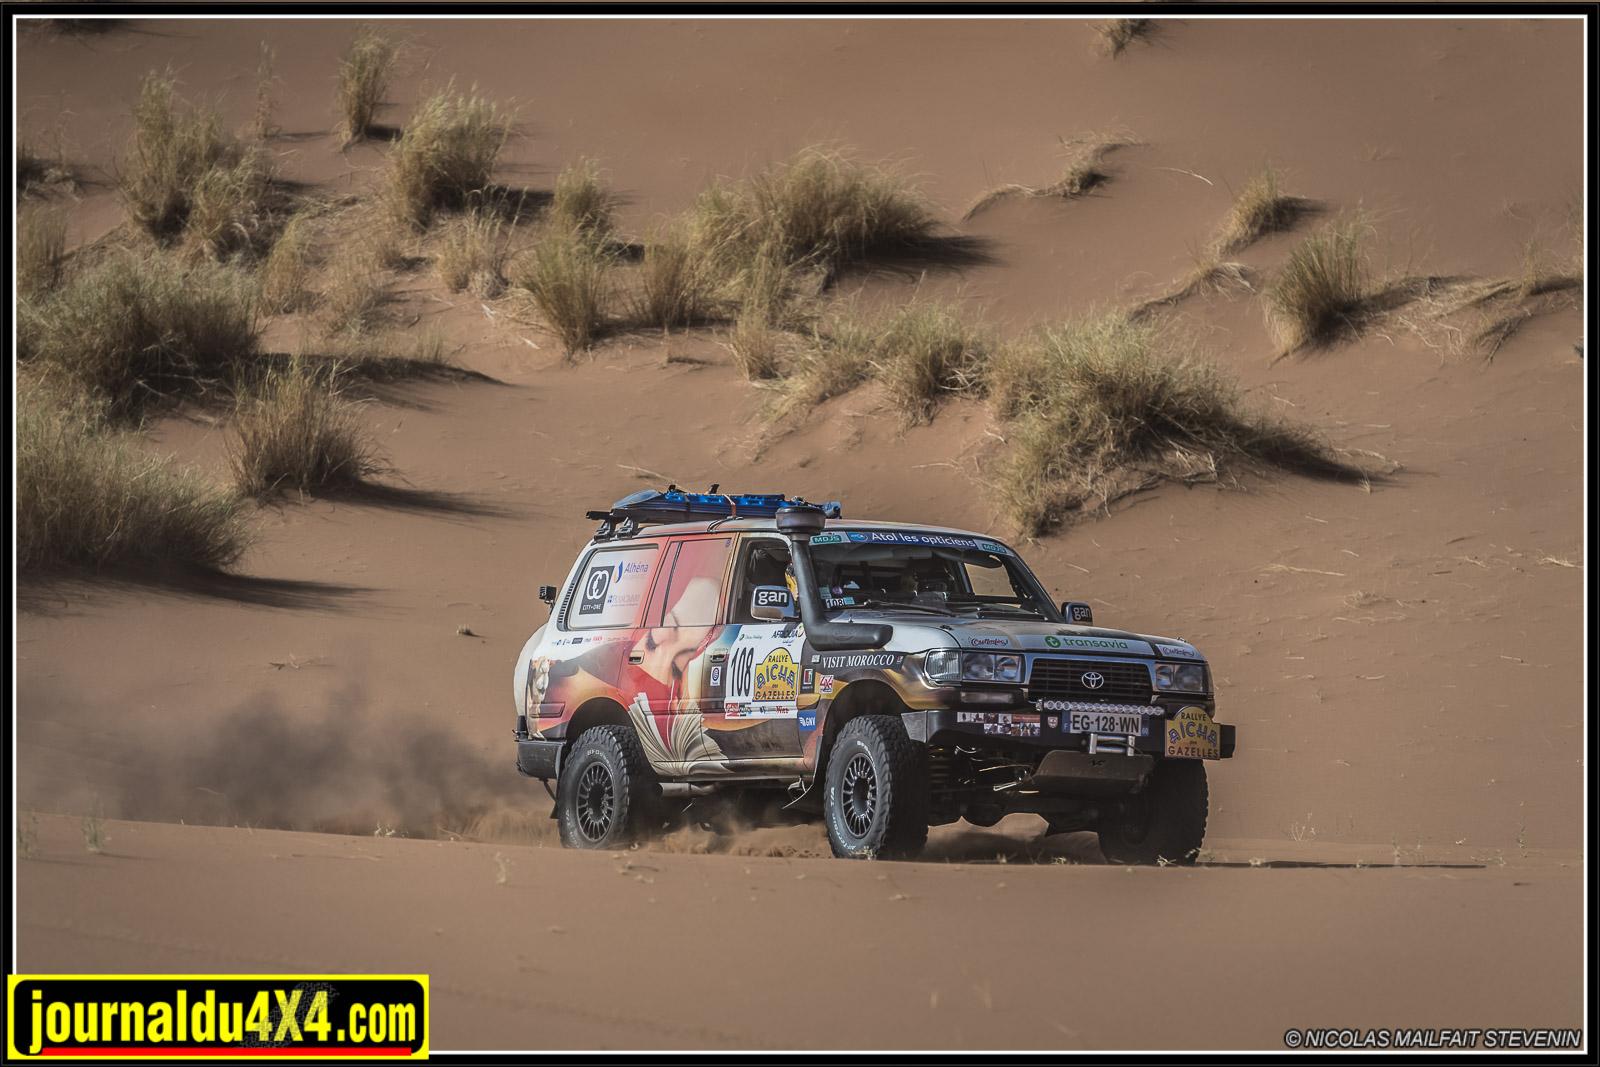 rallye-aicha-gazelles-maroc-2017-7580.jpg